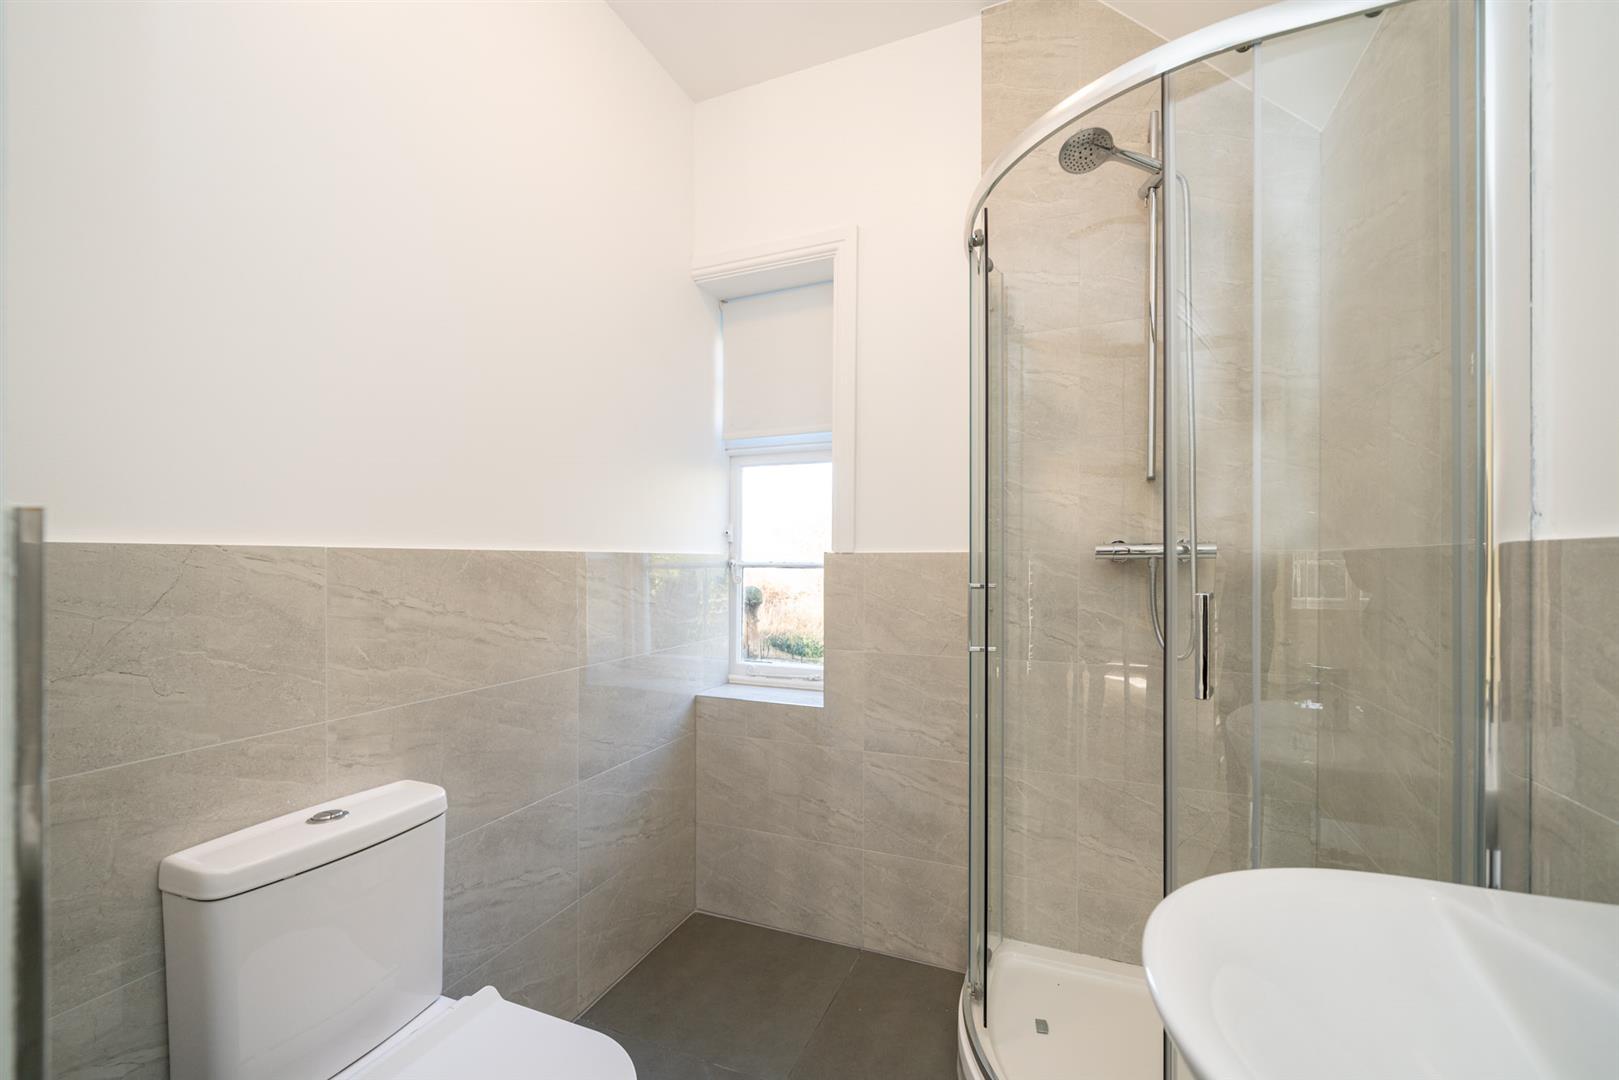 Golden-Parsonage-Lodge-3 - shower room 1.jpg